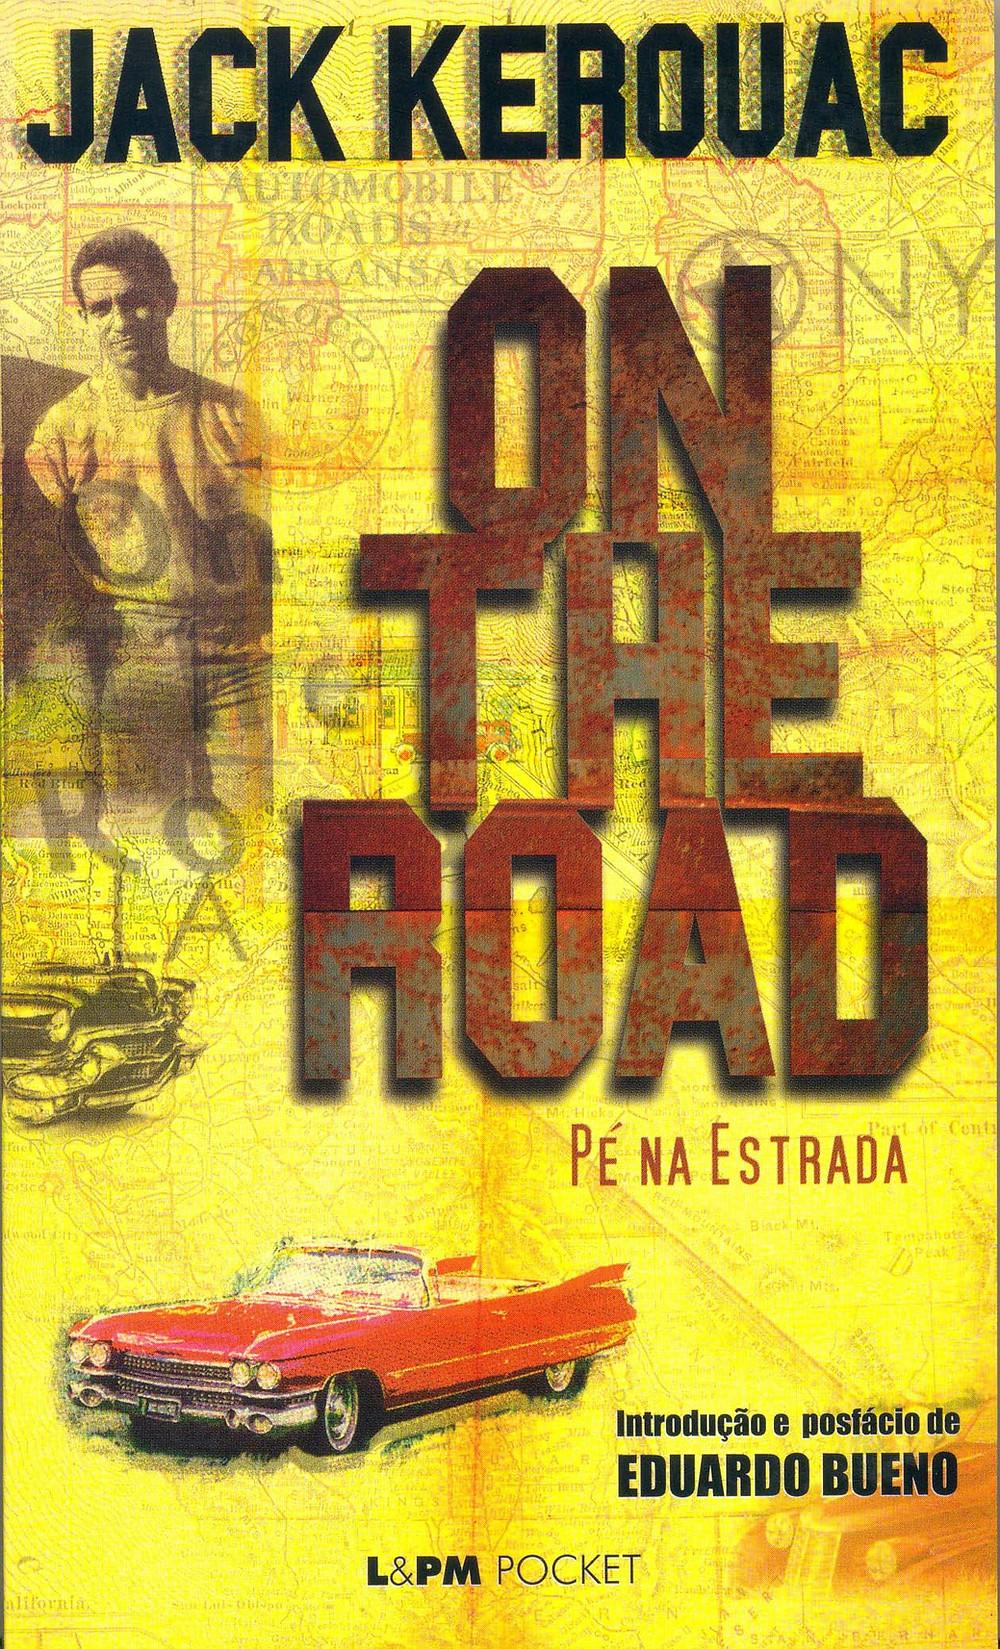 Livro On The Road - Pé na Estrada de Jack Kerouac